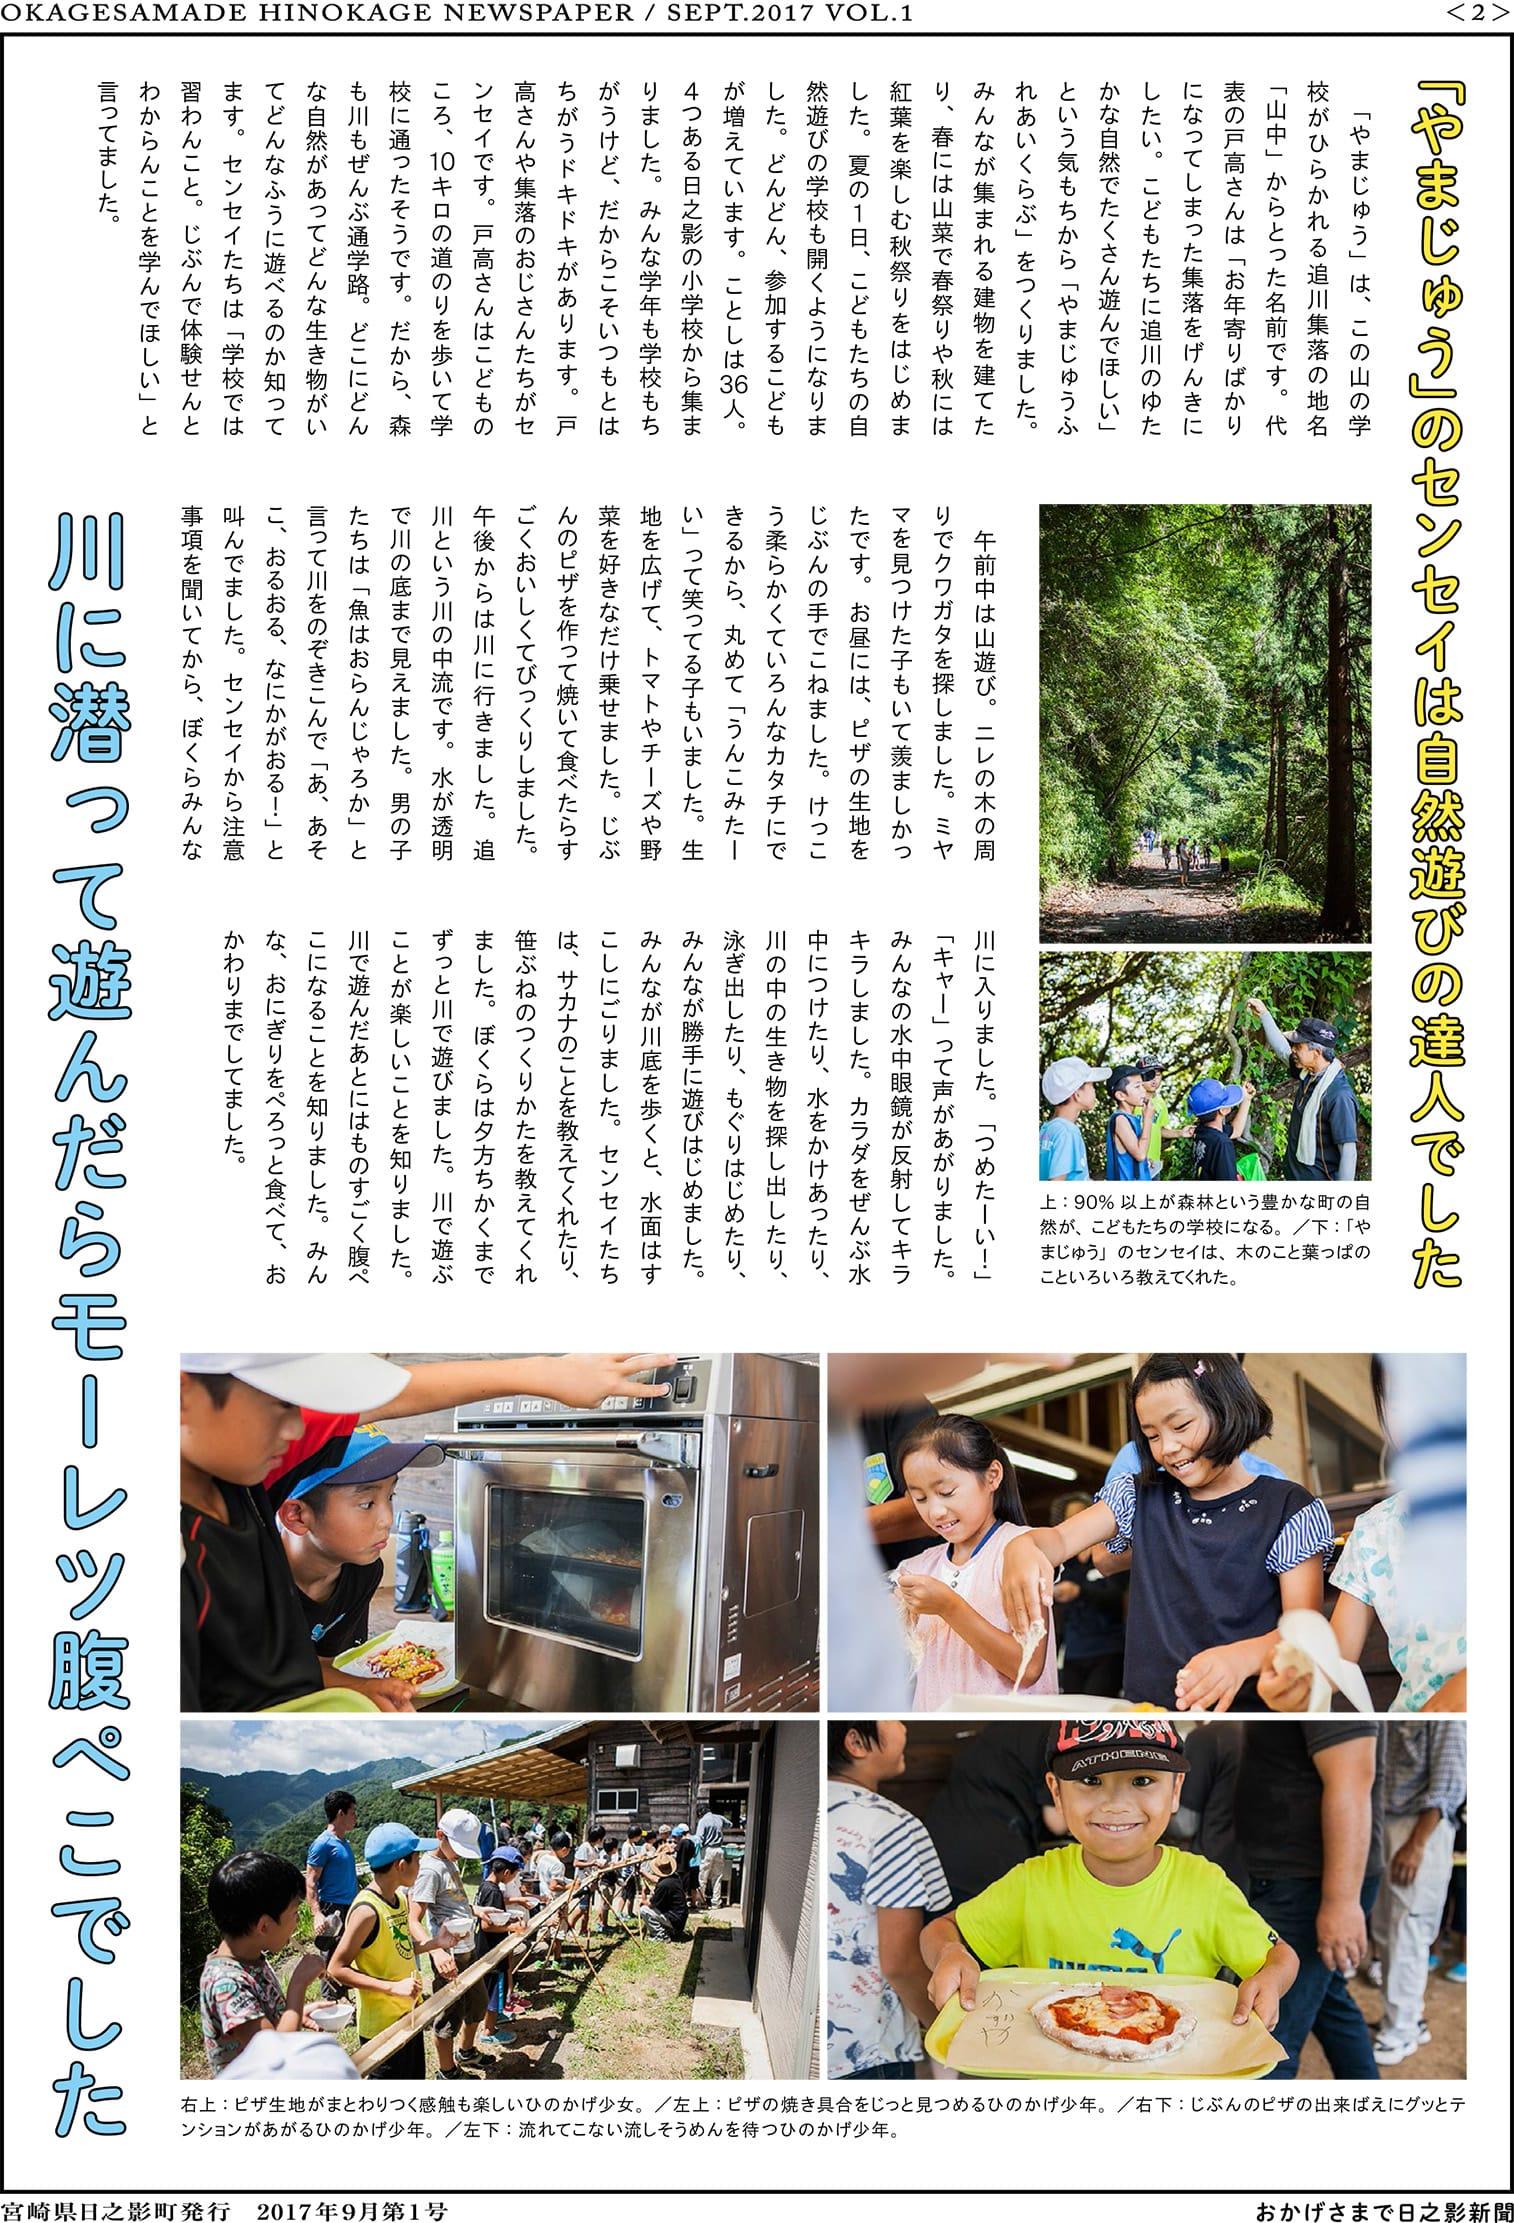 おかげさまで日之影新聞vol.01_1